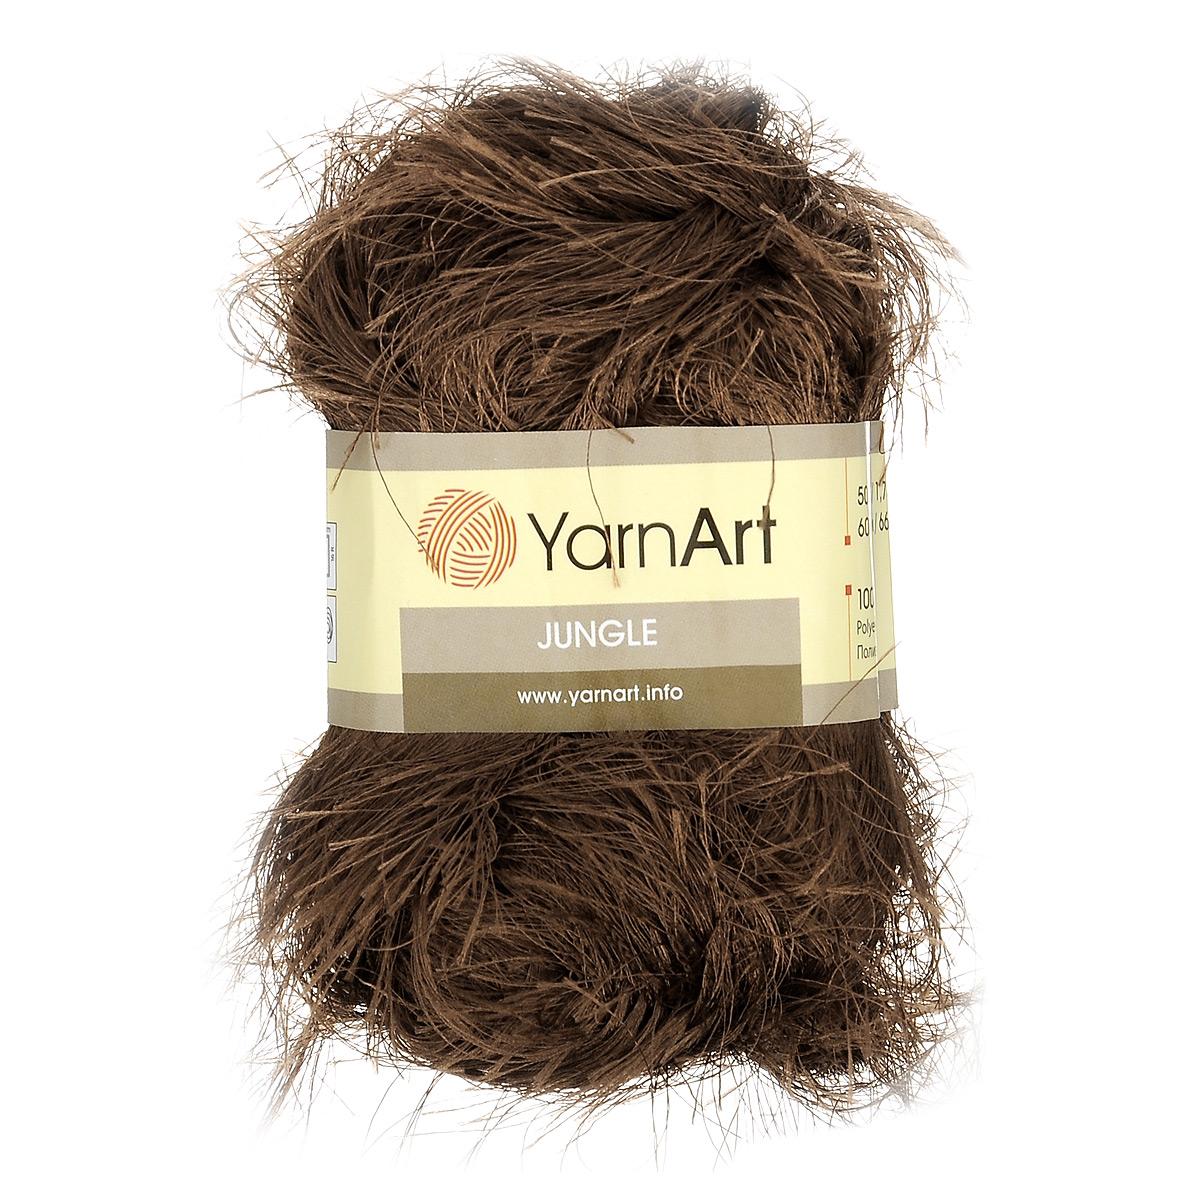 Пряжа для вязания YarnArt Jungle, цвет: коричневый (16), 60 м, 50 г, 10 шт372055_16Пряжа для вязания YarnArt Jungle изготовлена из полиэстера. Пряжа-травка предназначена для ручного вязания и идеально подходит для отделки. Готовый ворс получается равным 4 см. Рекомендованные спицы и крючок для вязания 6 мм. Комплектация: 10 мотков. Состав: 100% полиэстер.